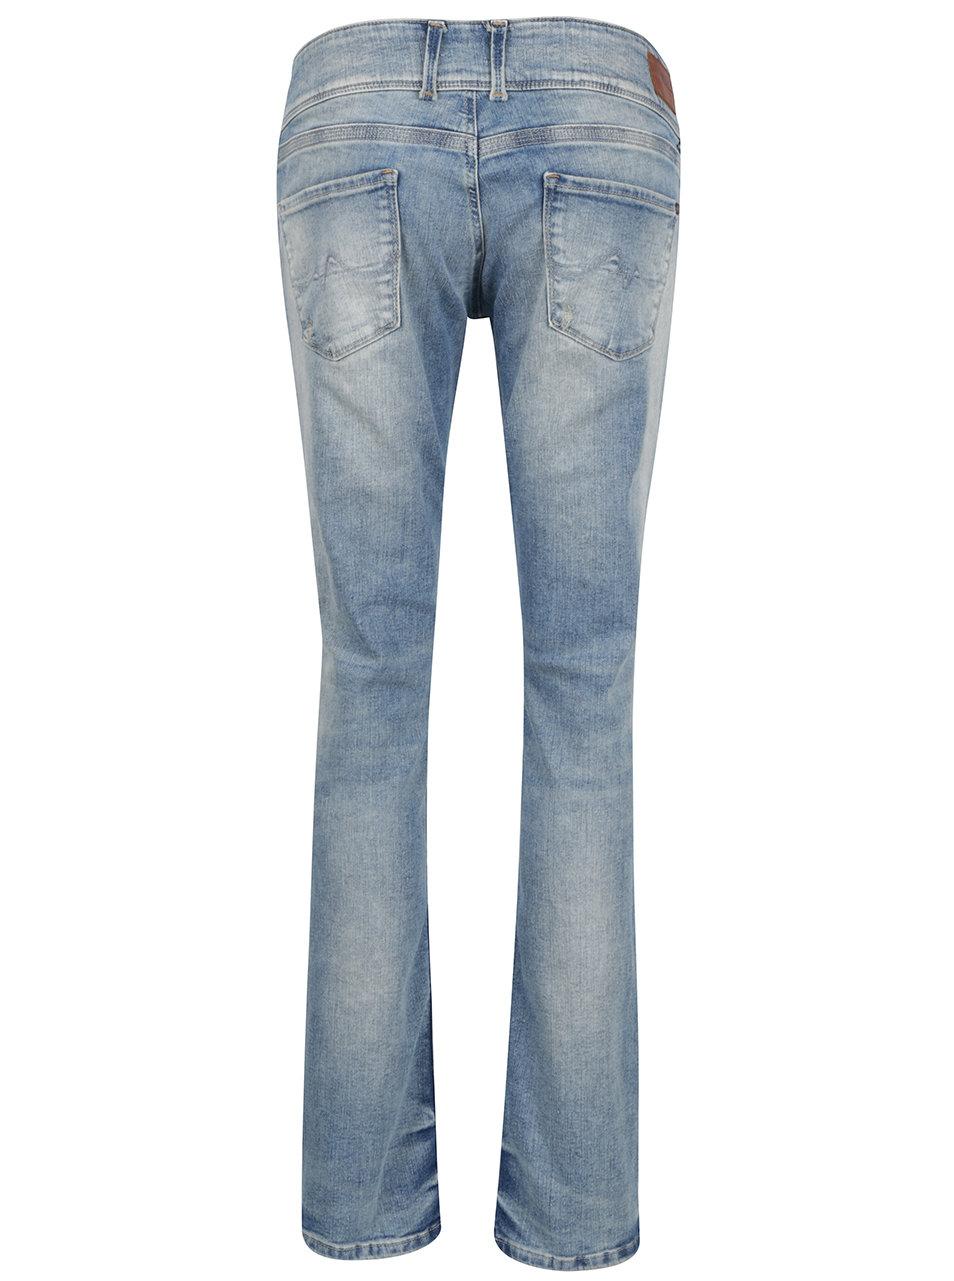 886e7b3ef77 Světle modré dámské slim fit džíny Pepe Jeans Vera ...